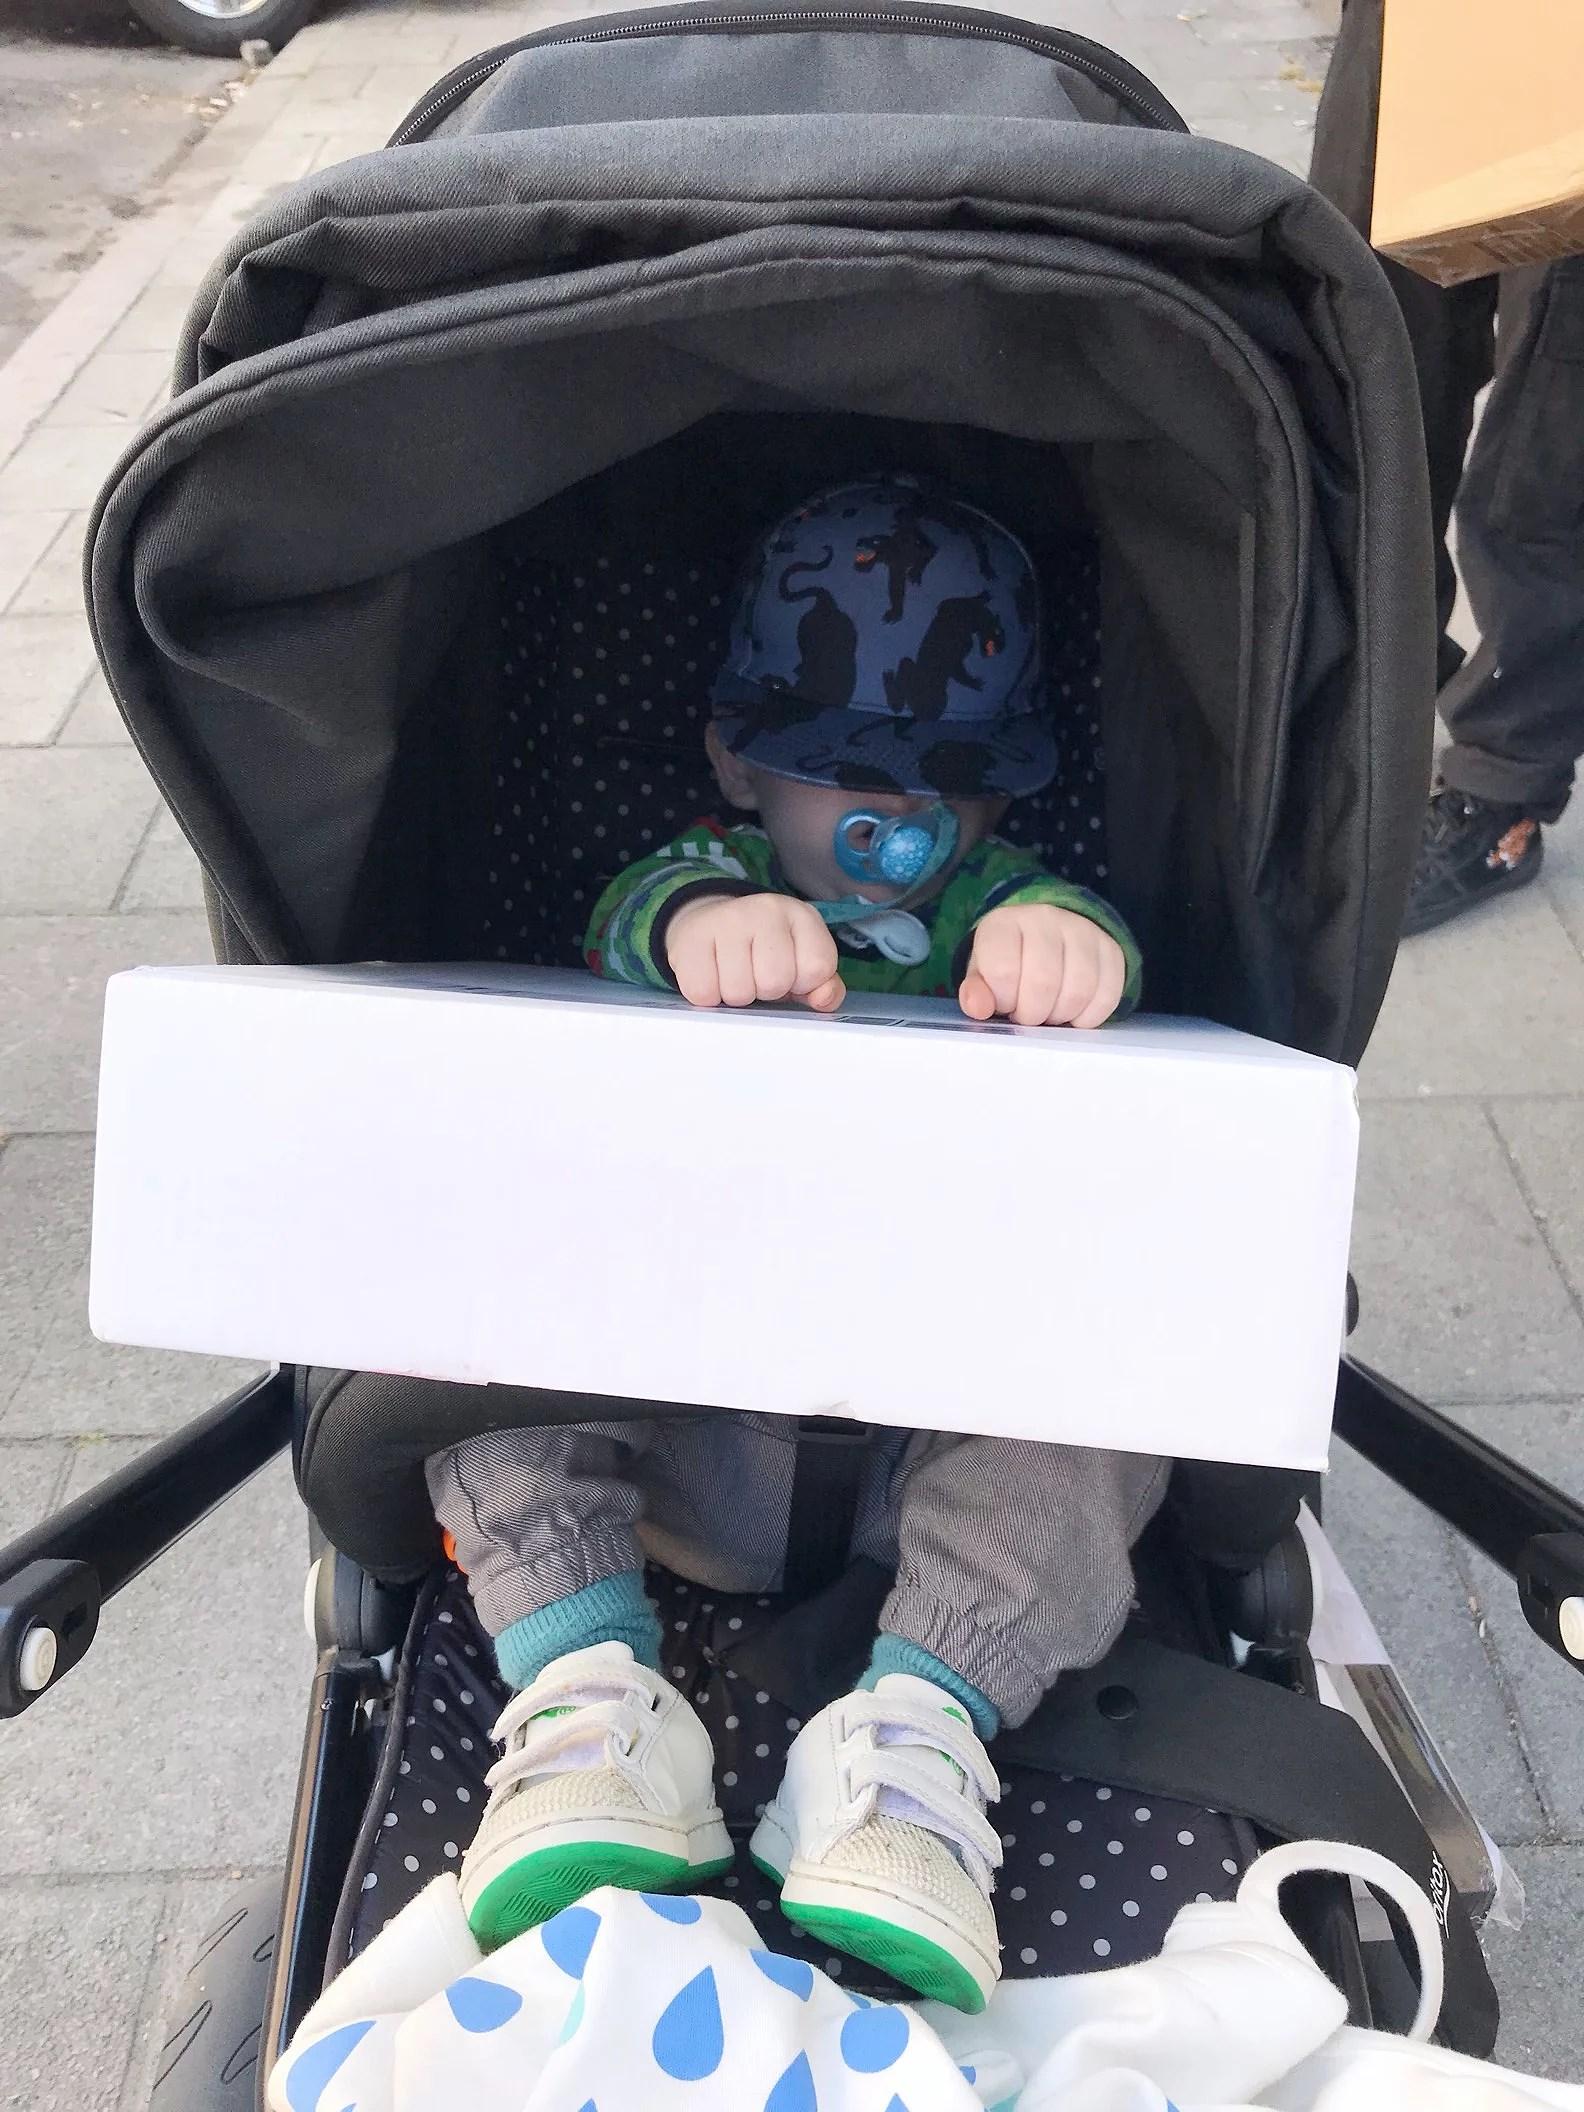 Lång promenad & Gratis barnkläder!